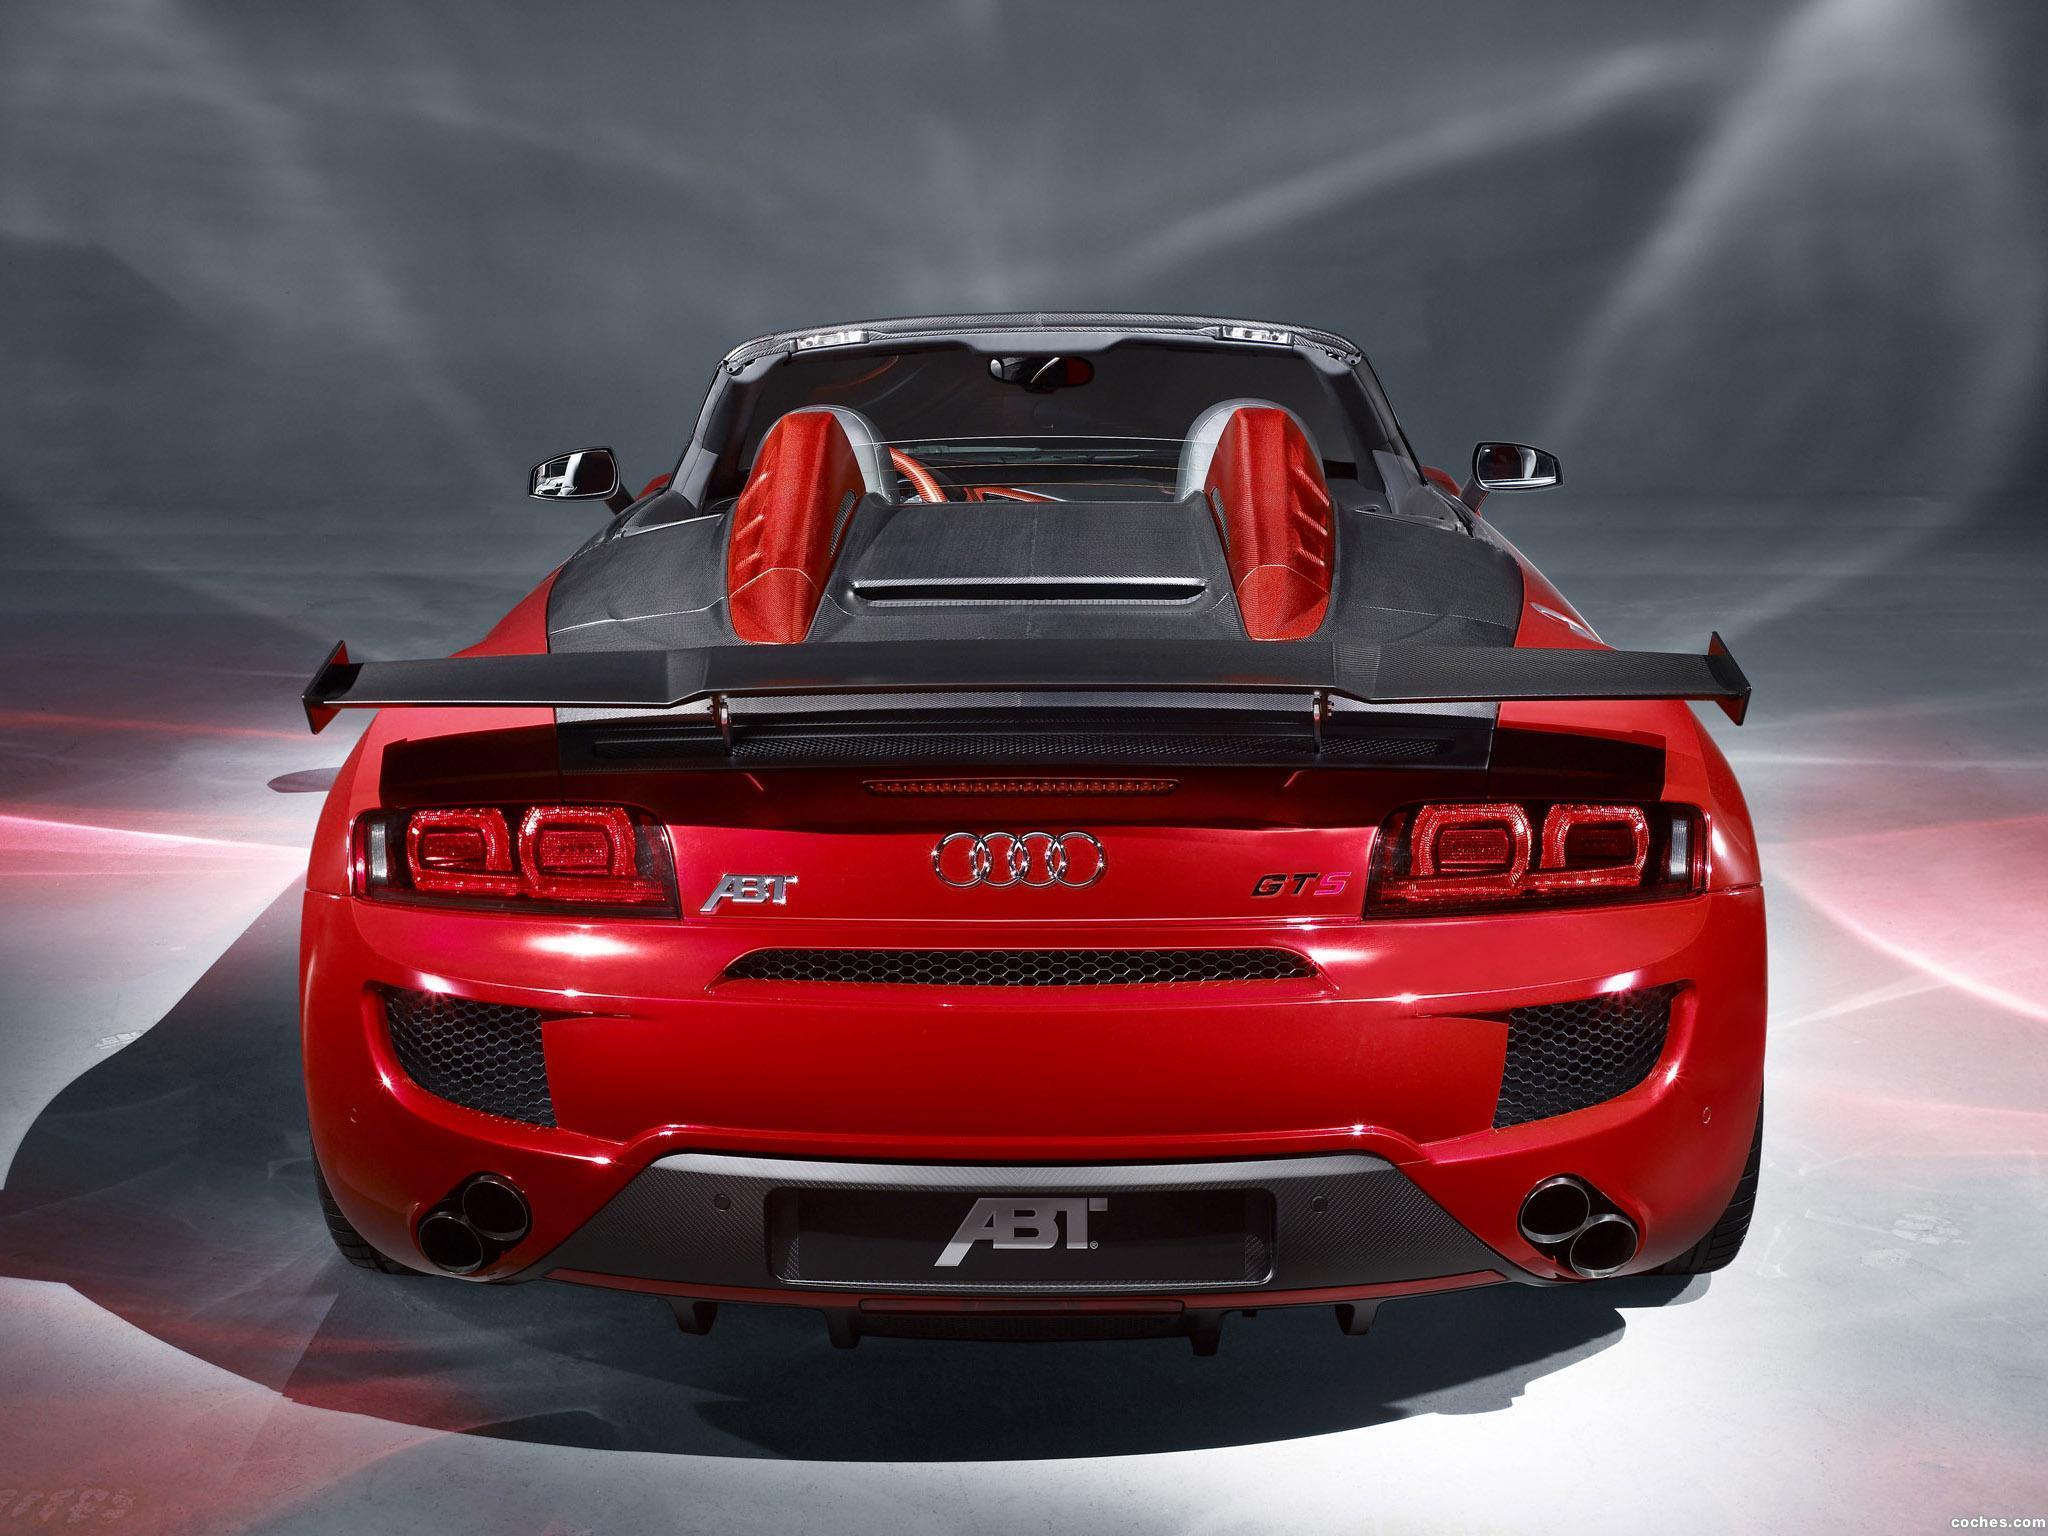 Foto 2 de Audi R8 GT S abt 2011